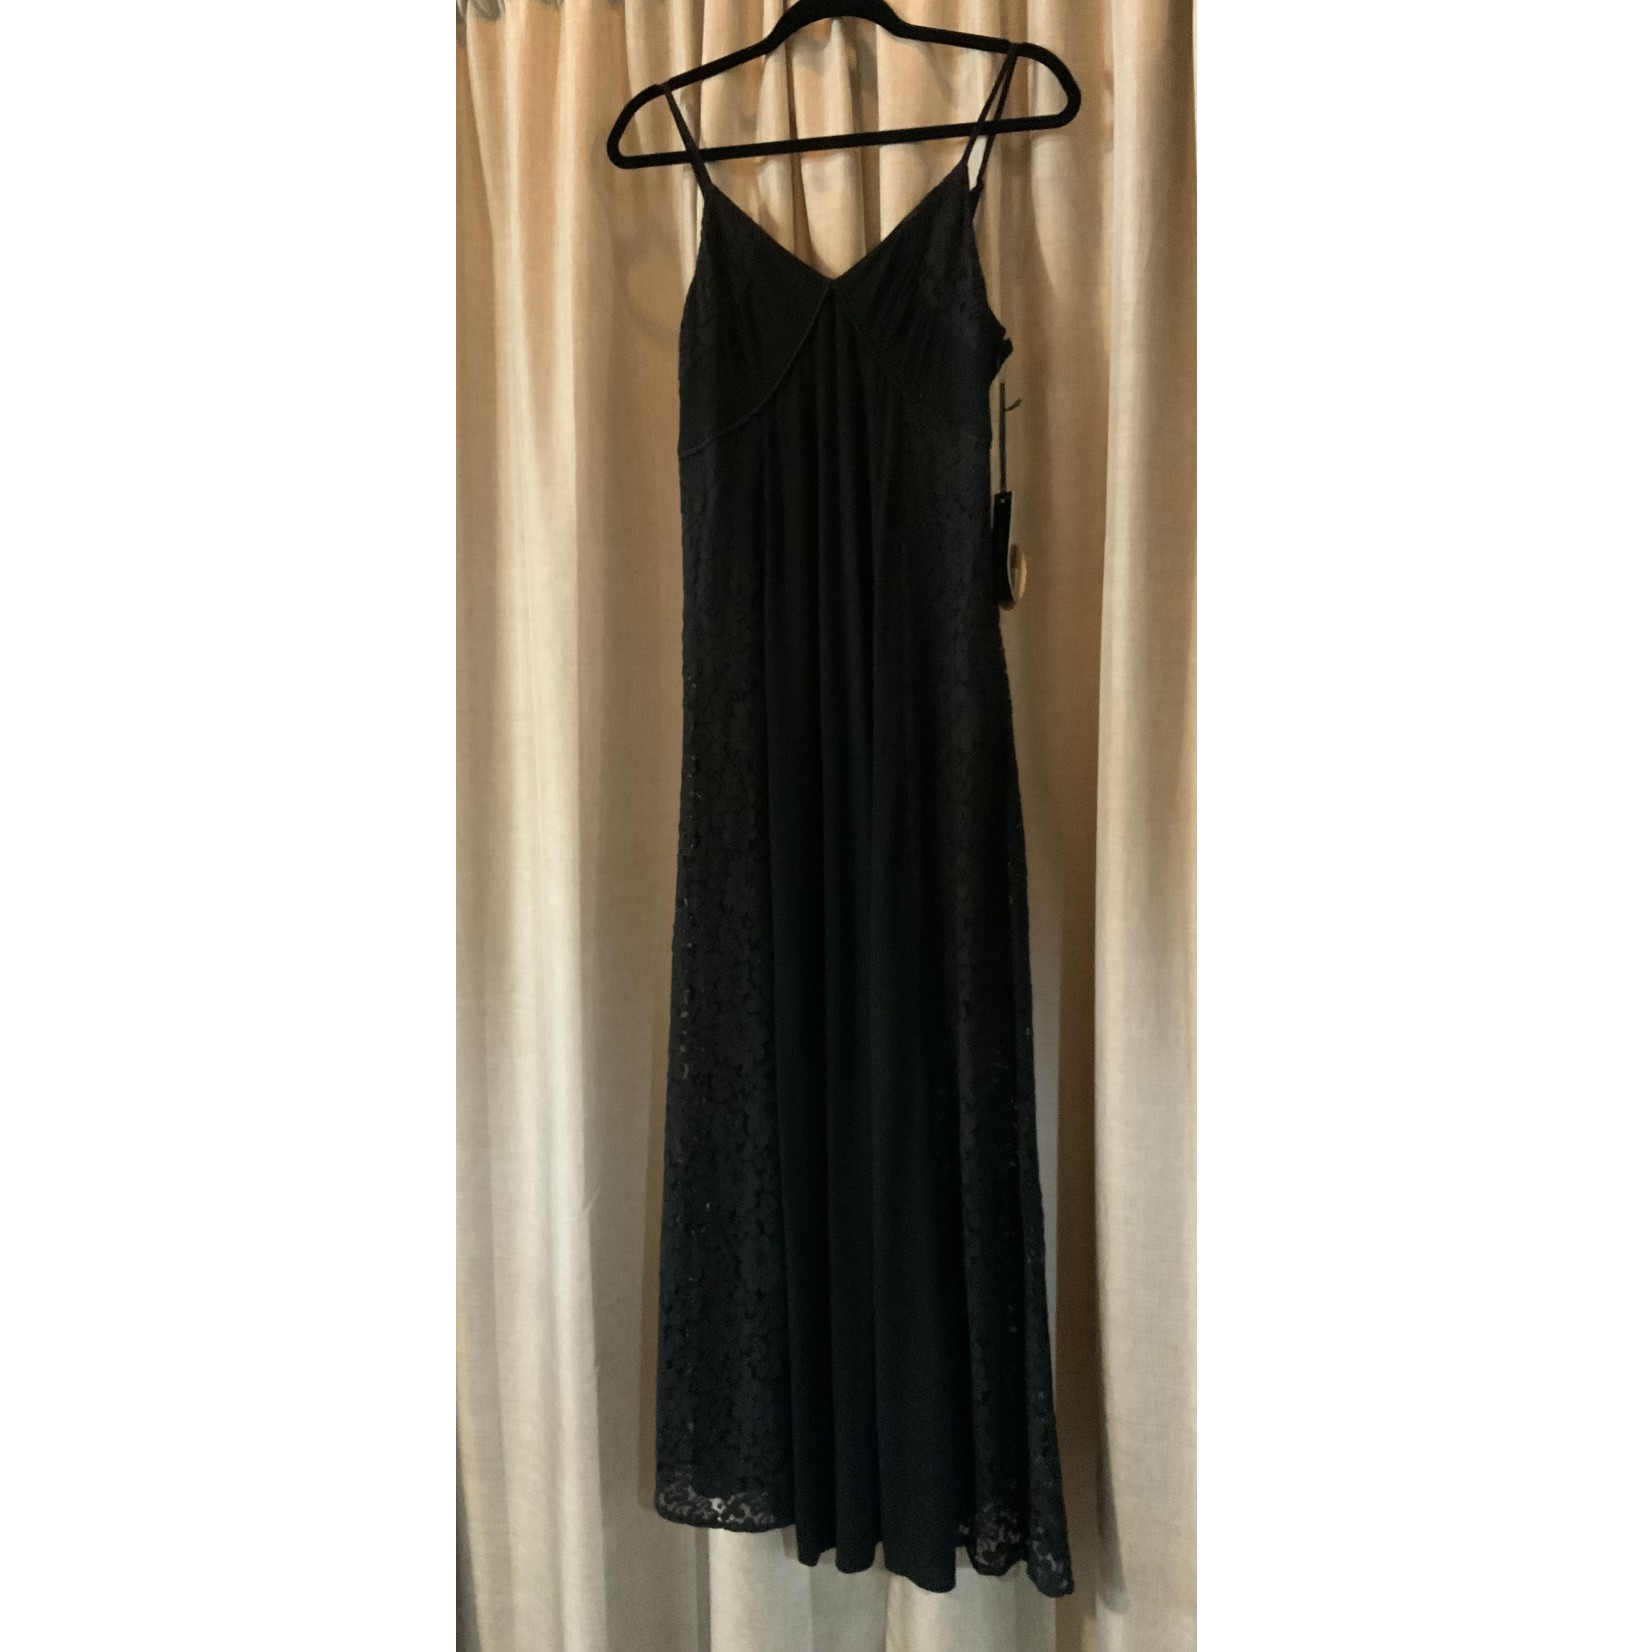 Doe & Rae Dress: Black Lace Paneled Maxi